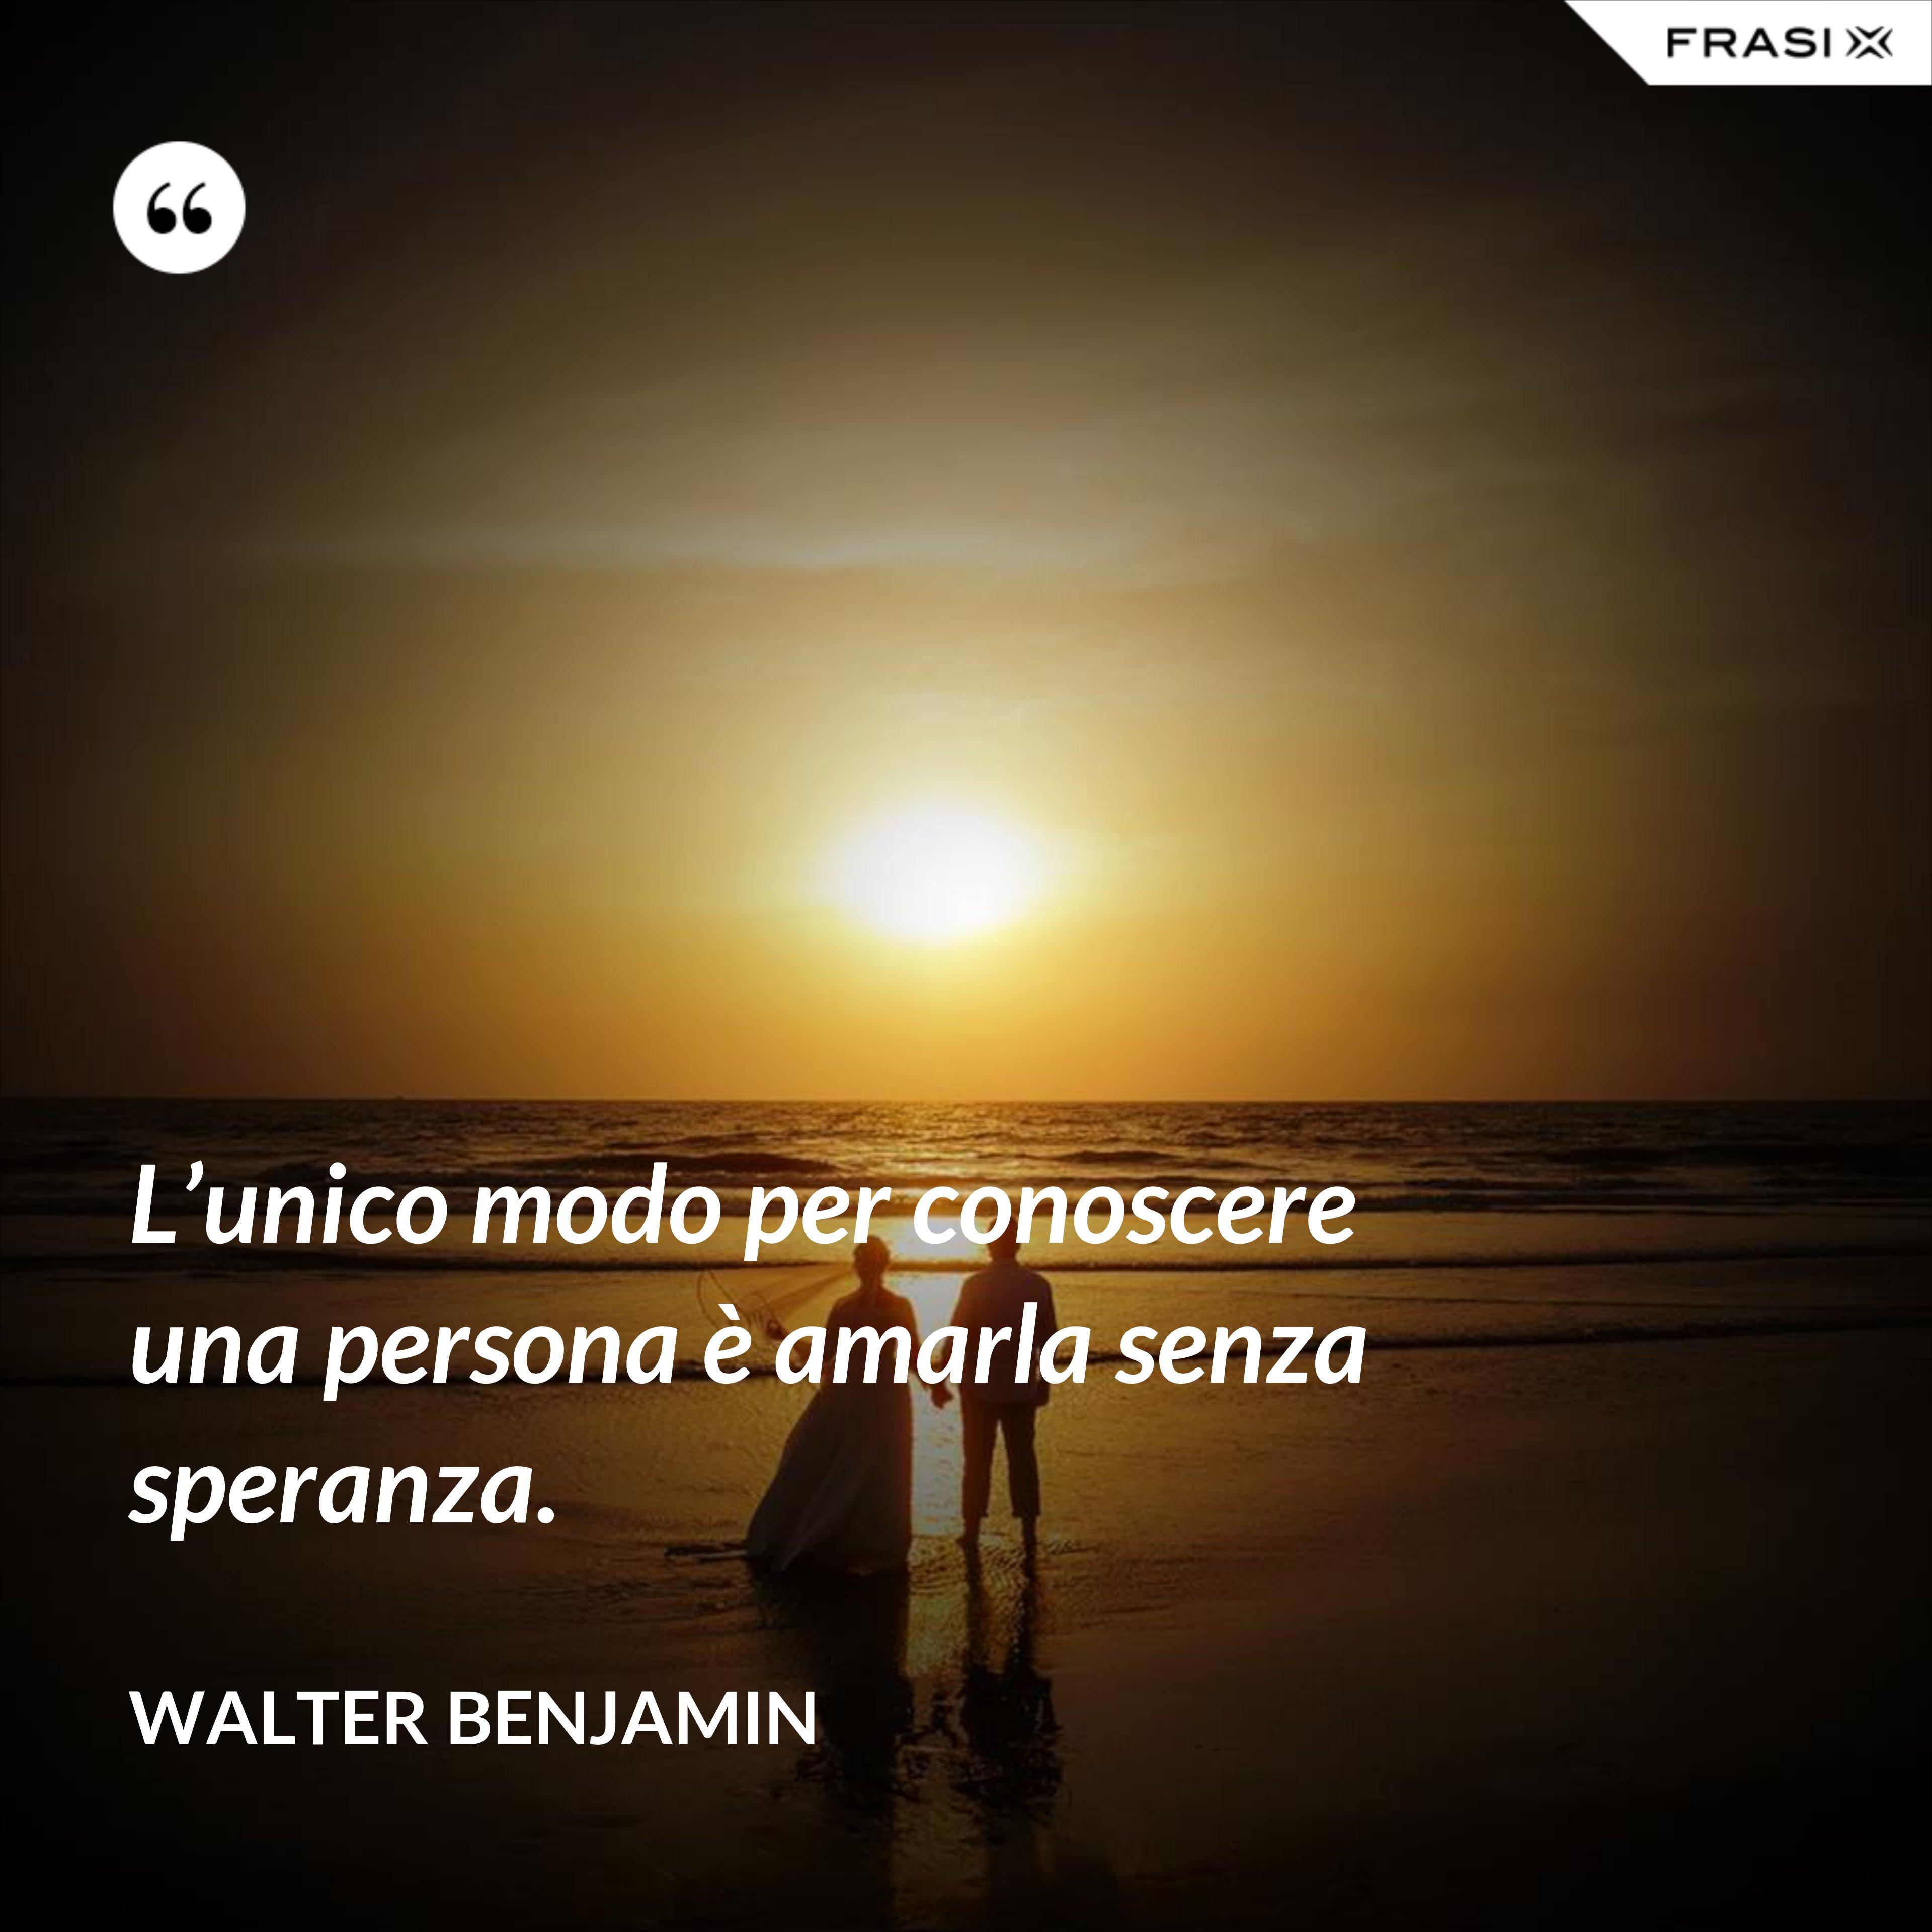 L'unico modo per conoscere una persona è amarla senza speranza. - Walter Benjamin